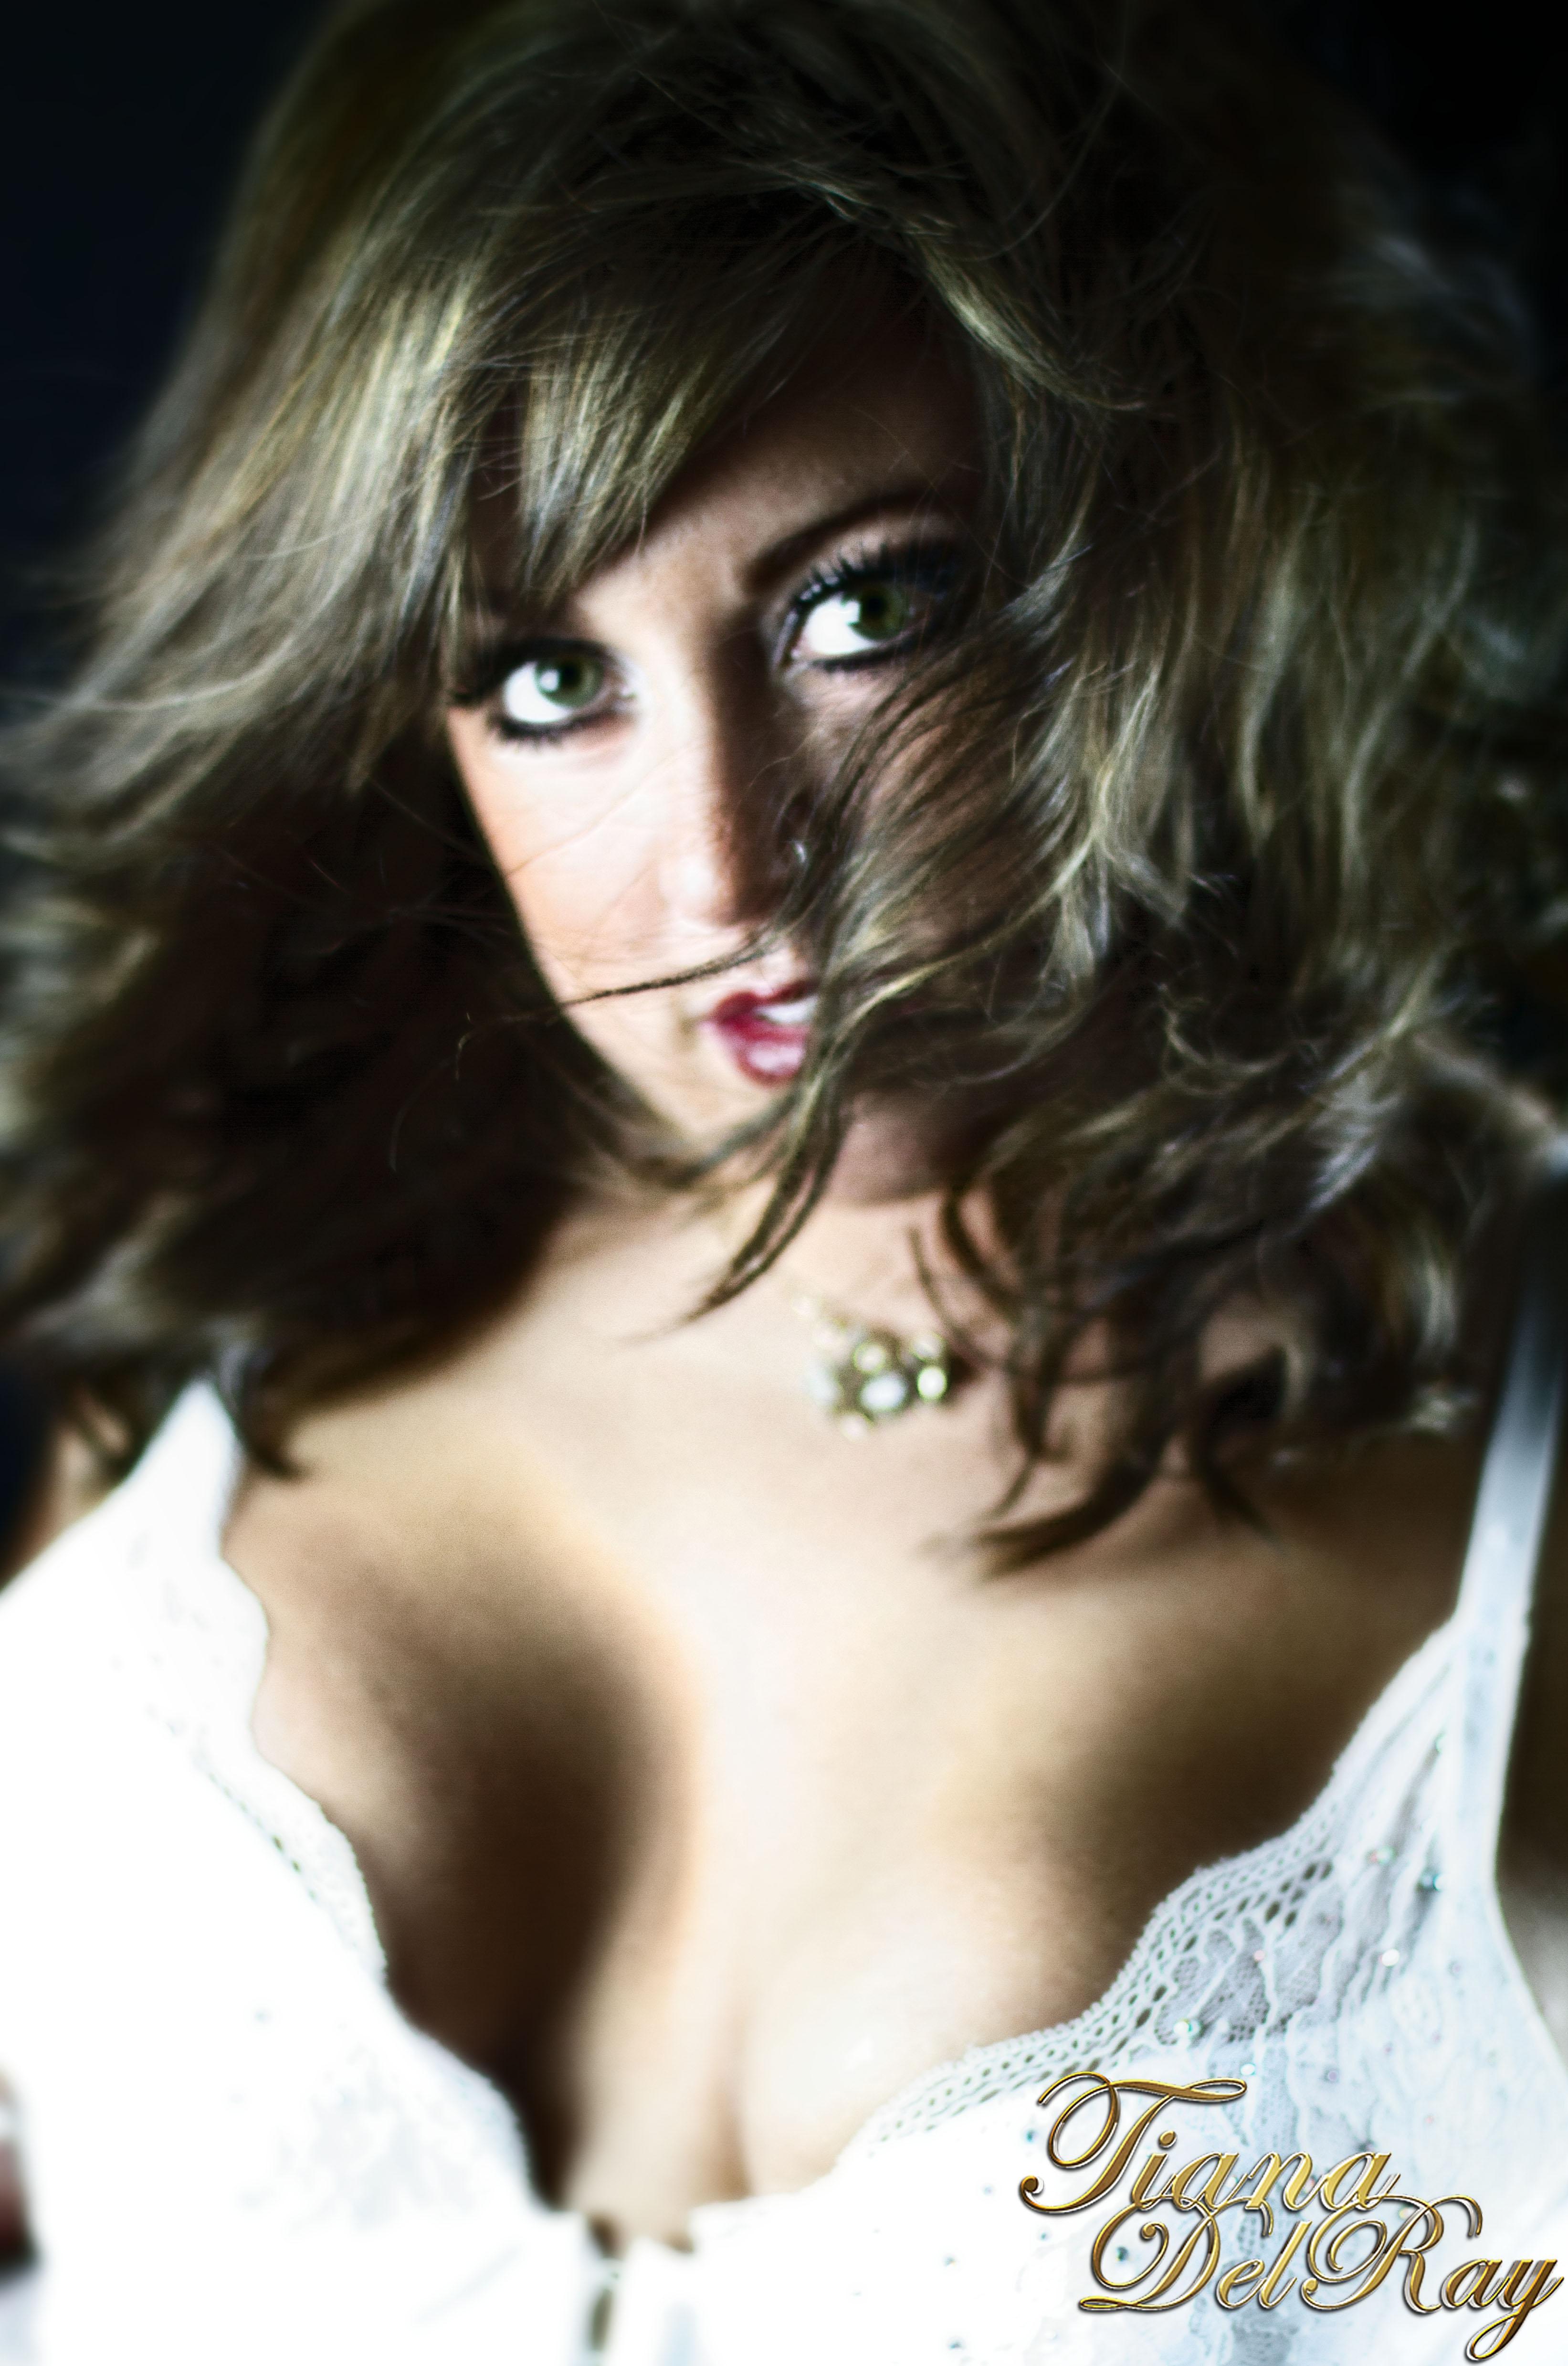 tiana delray calgary escort.jpg